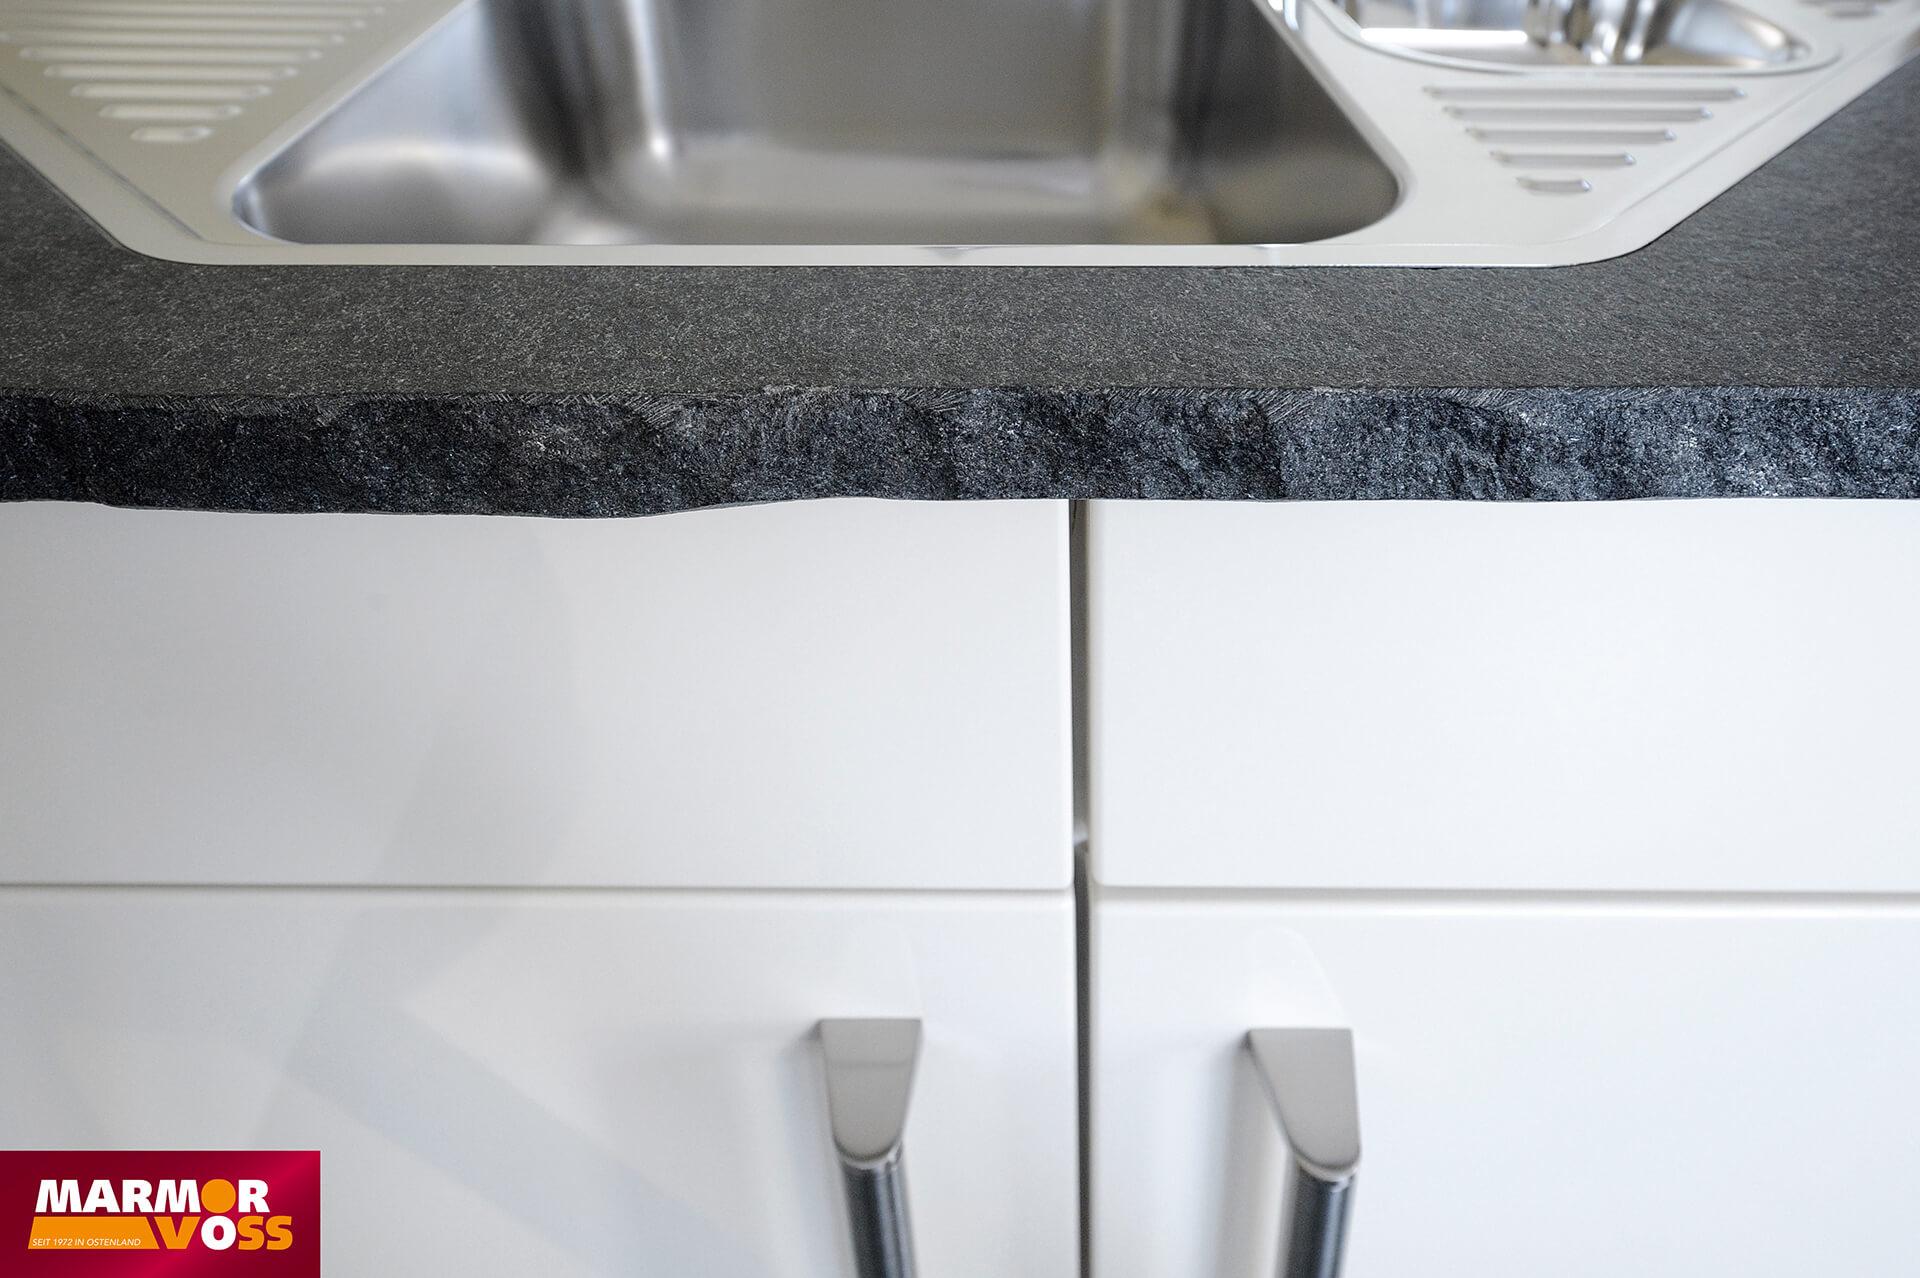 Niedlich Küchenarbeits Inseln Fotos - Küchen Ideen Modern ...